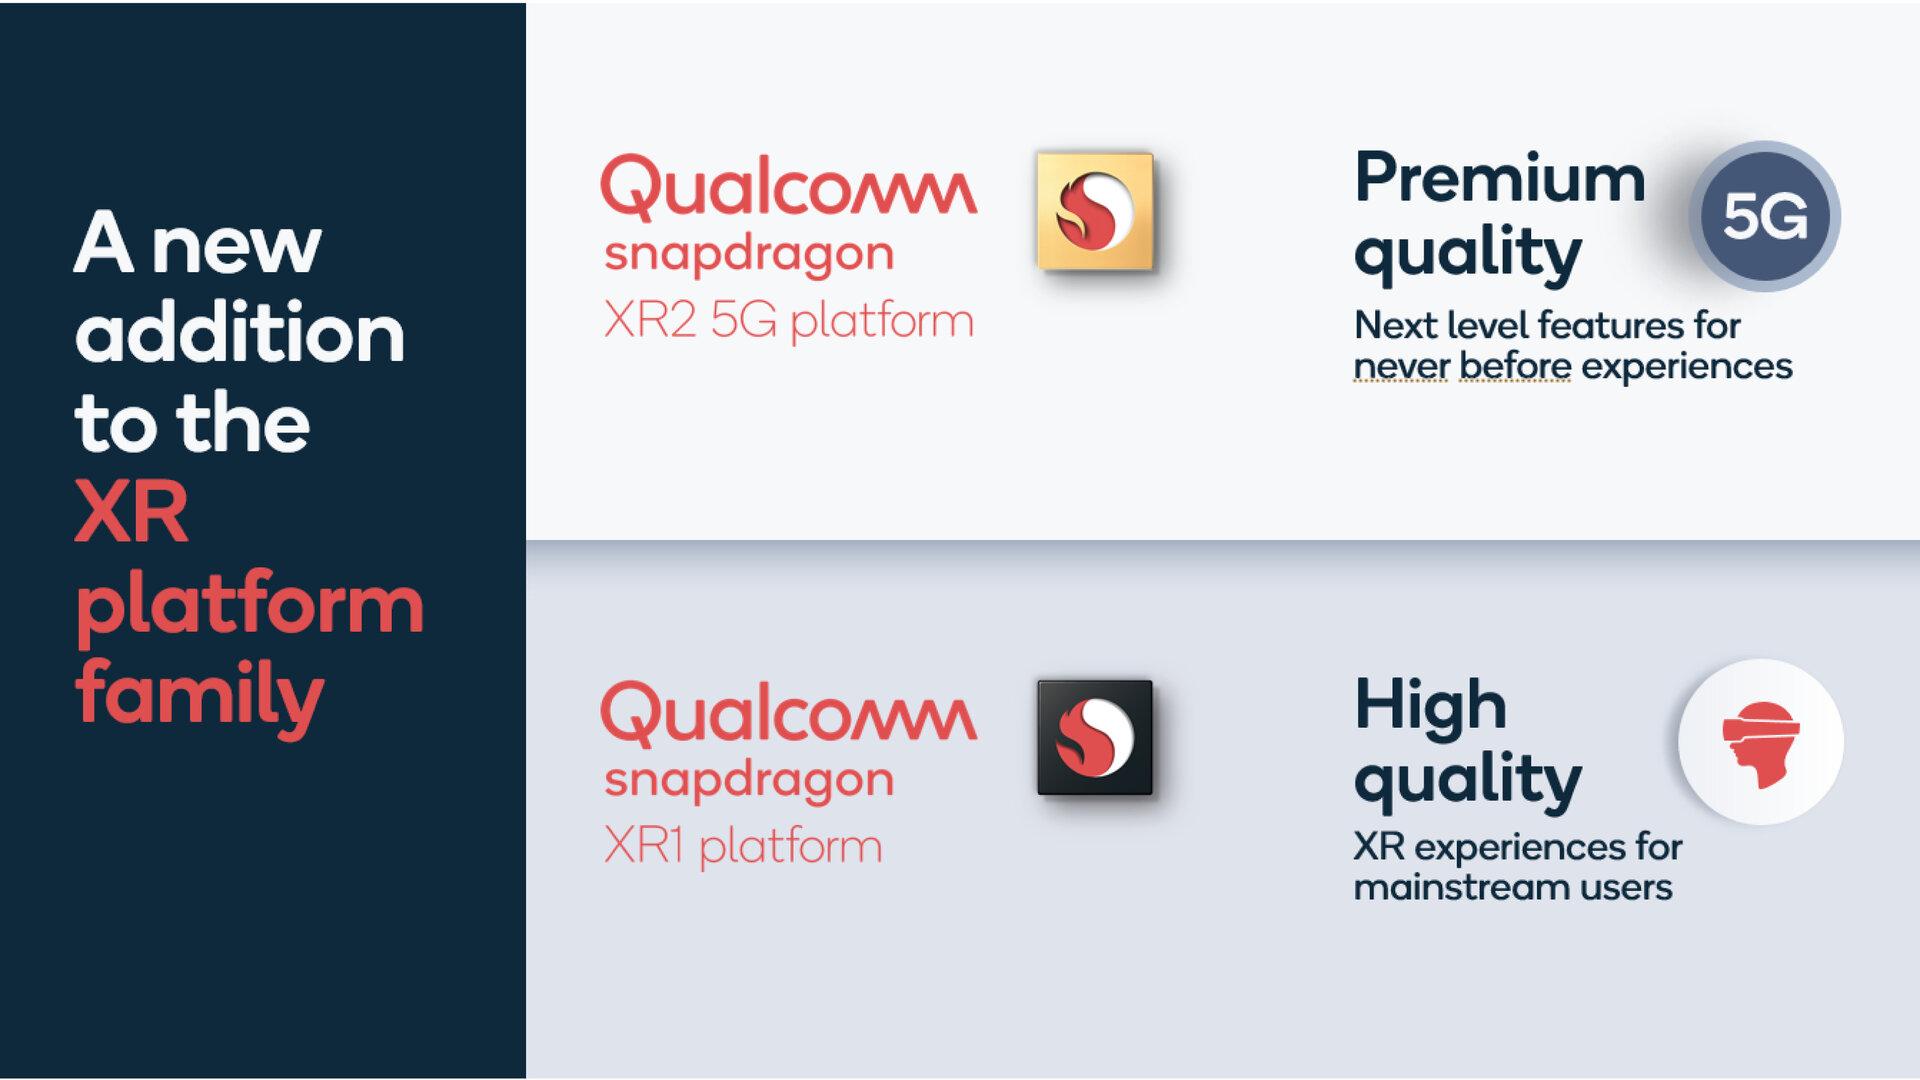 Der Snapdragon XR2 positioniert sich oberhalb des XR1